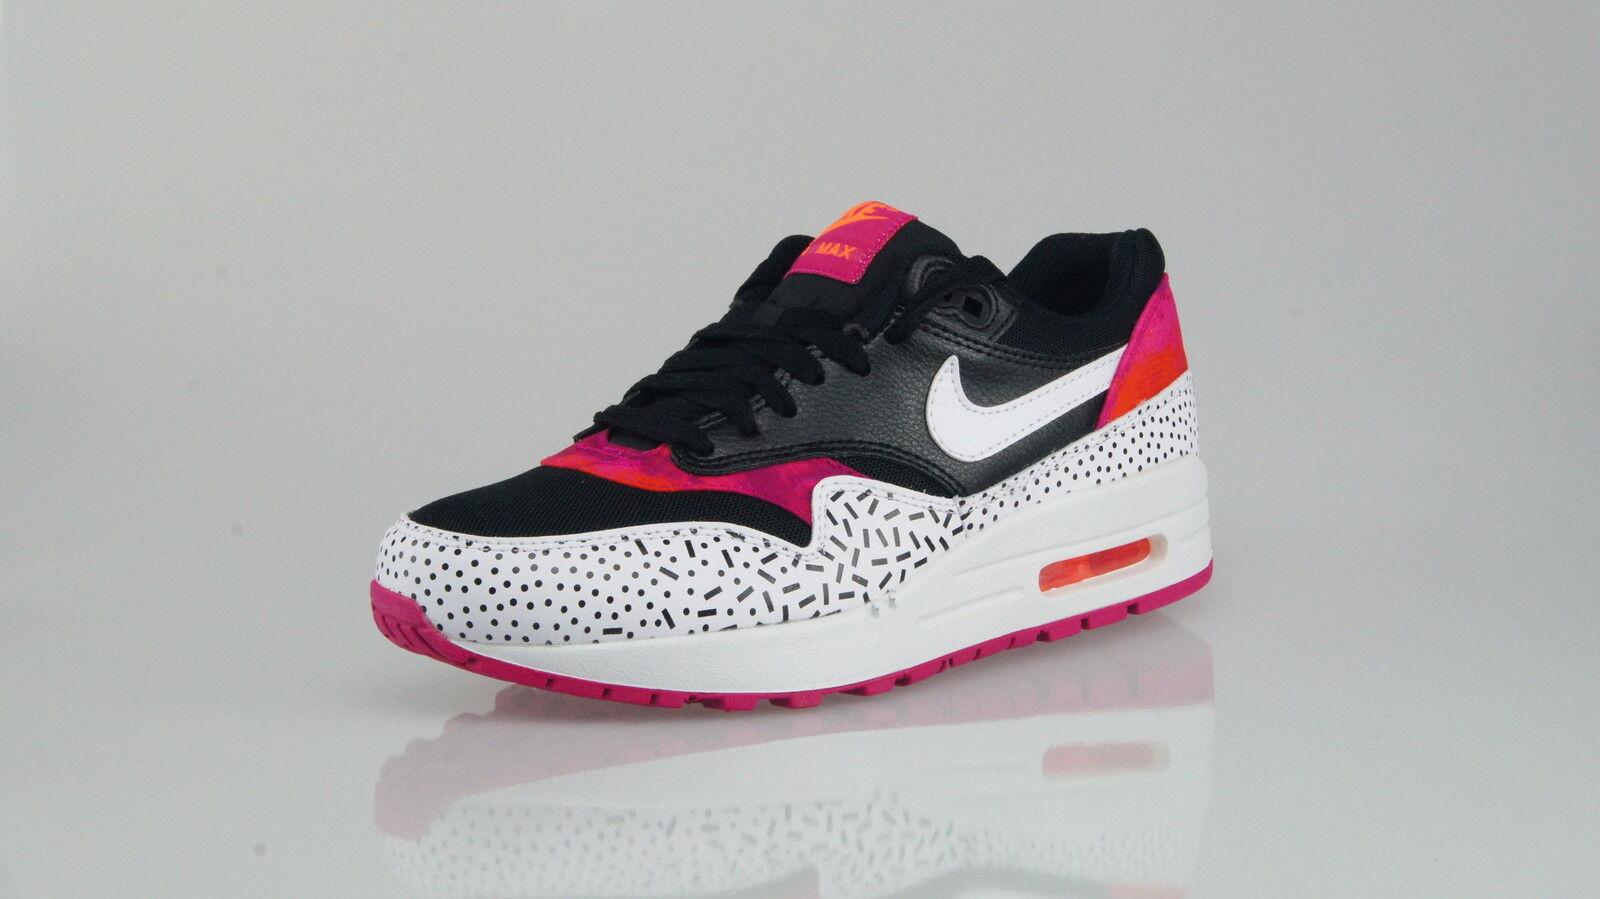 Nike air max print 1 print max - größe 37,5 (6,5us) a7c192